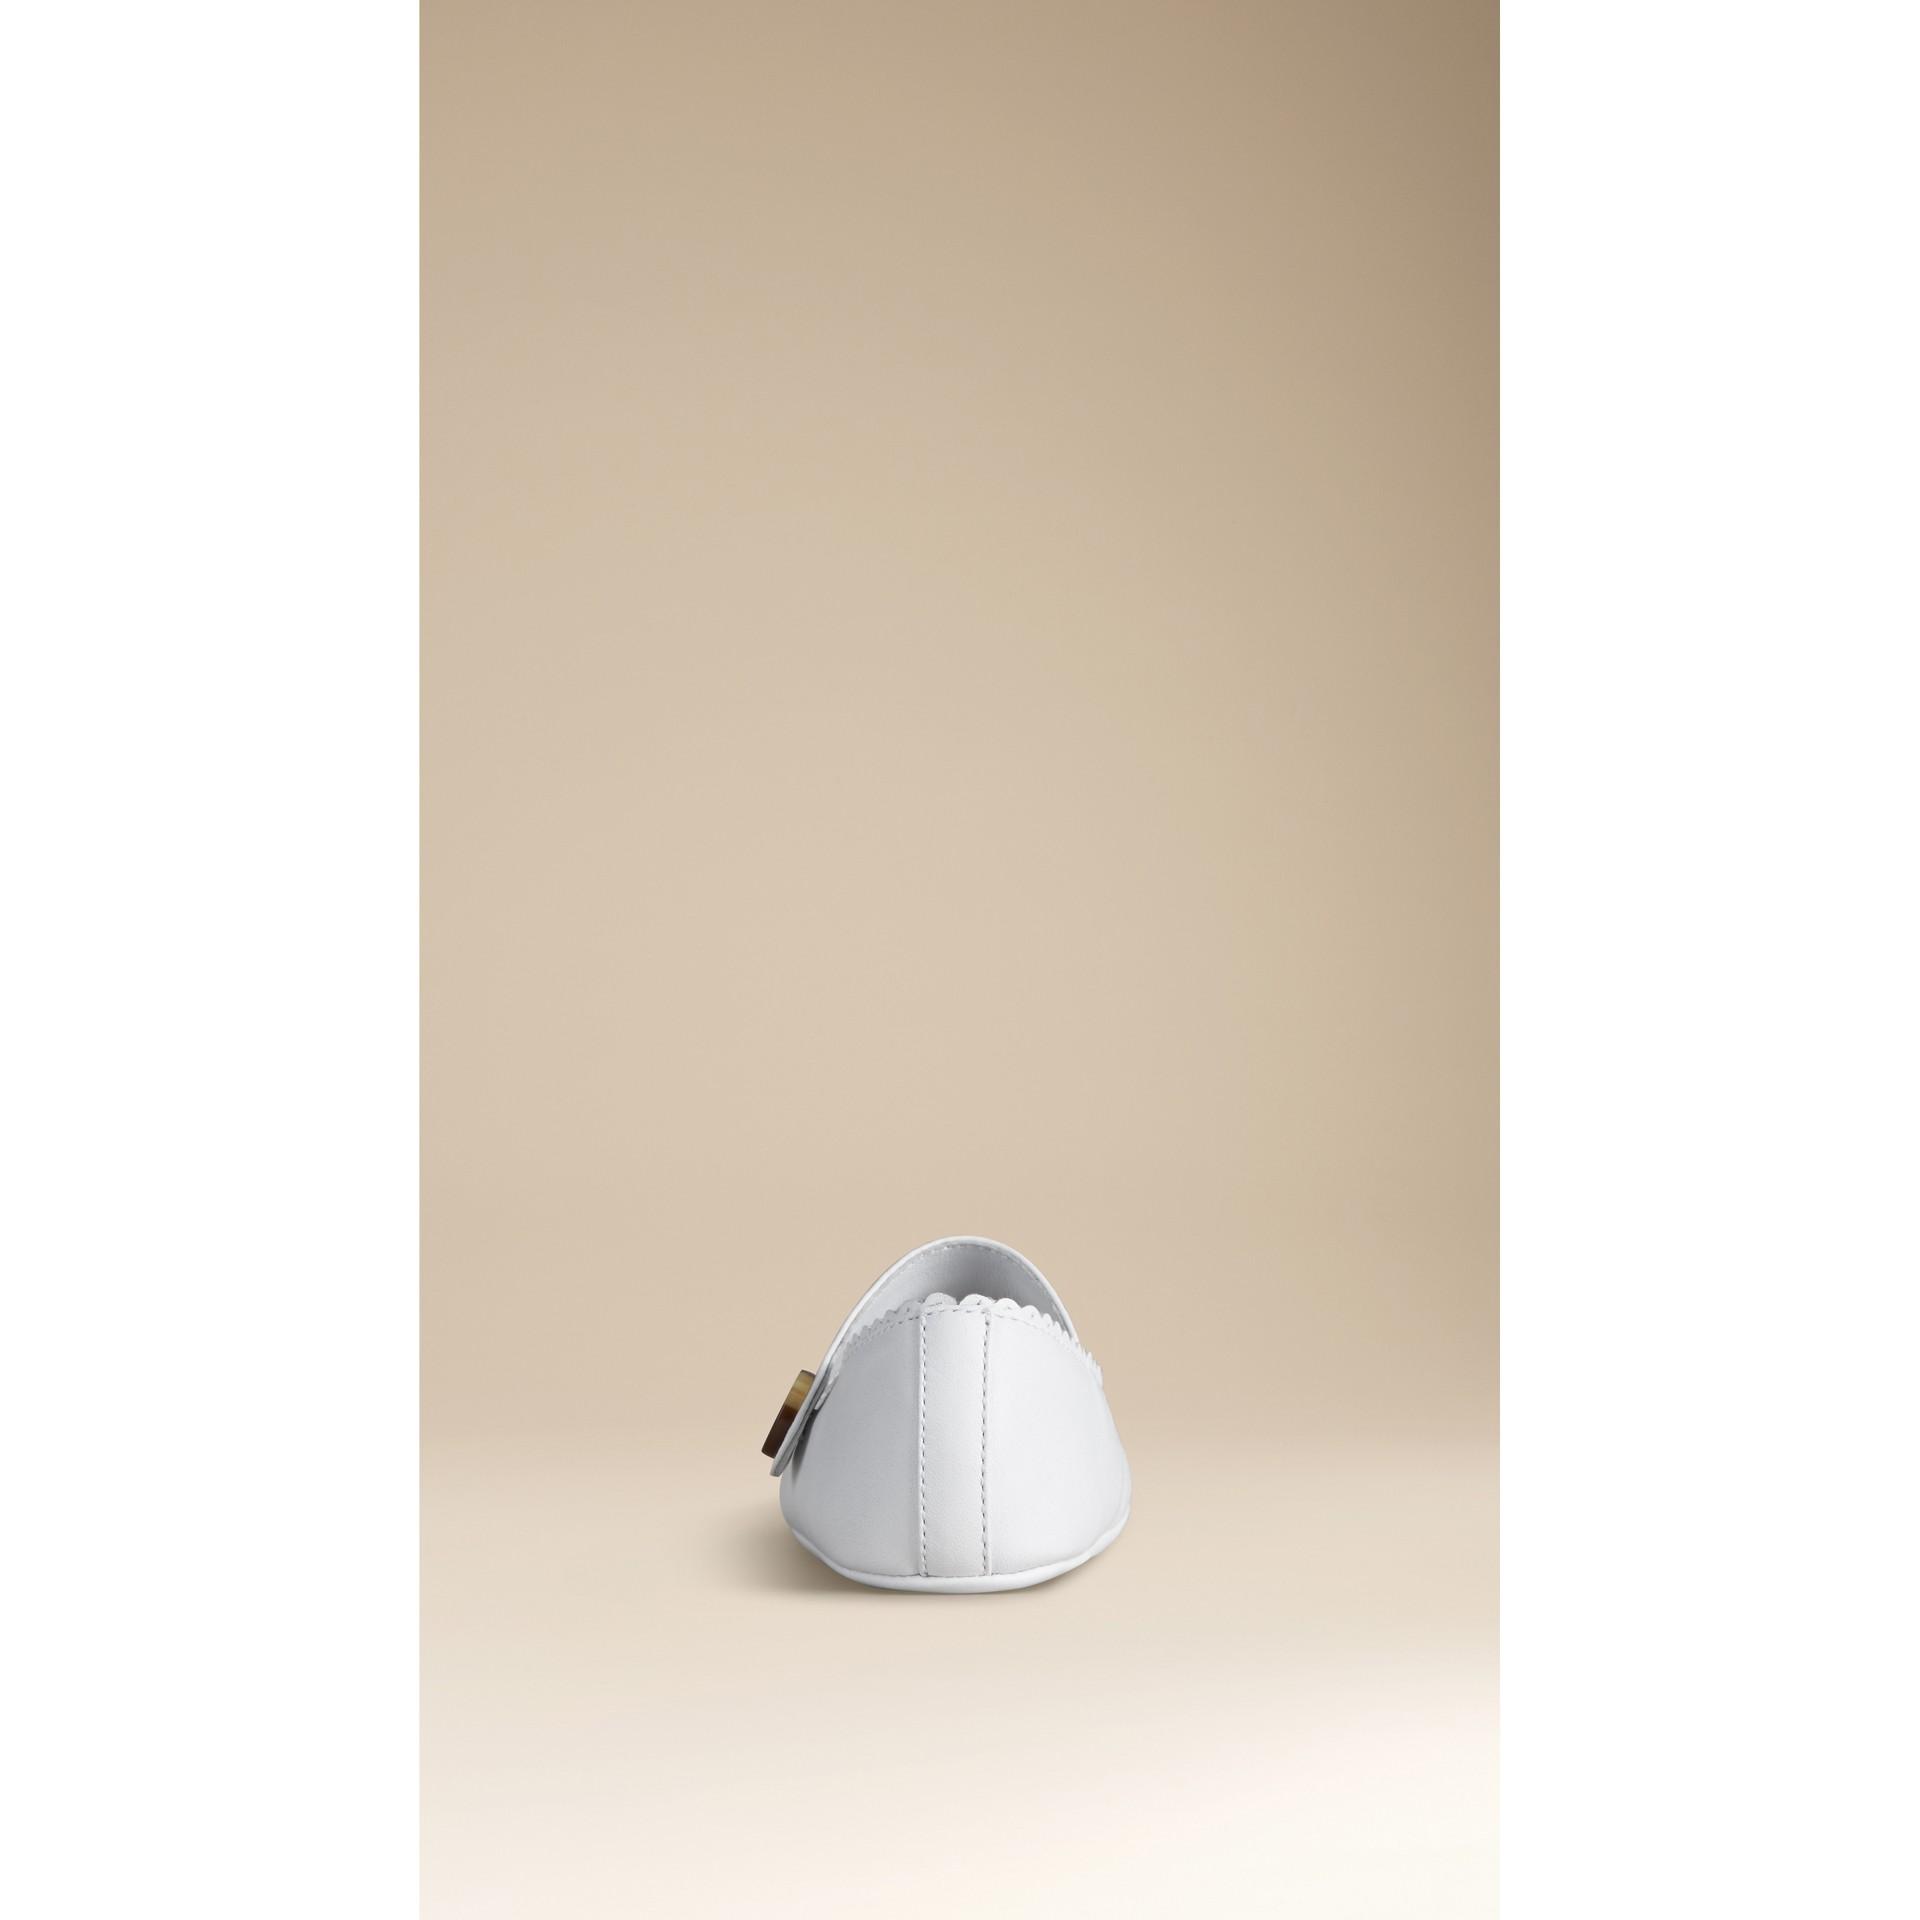 Кожаные пинетки с отделкой фестонами | Burberry - изображение 3